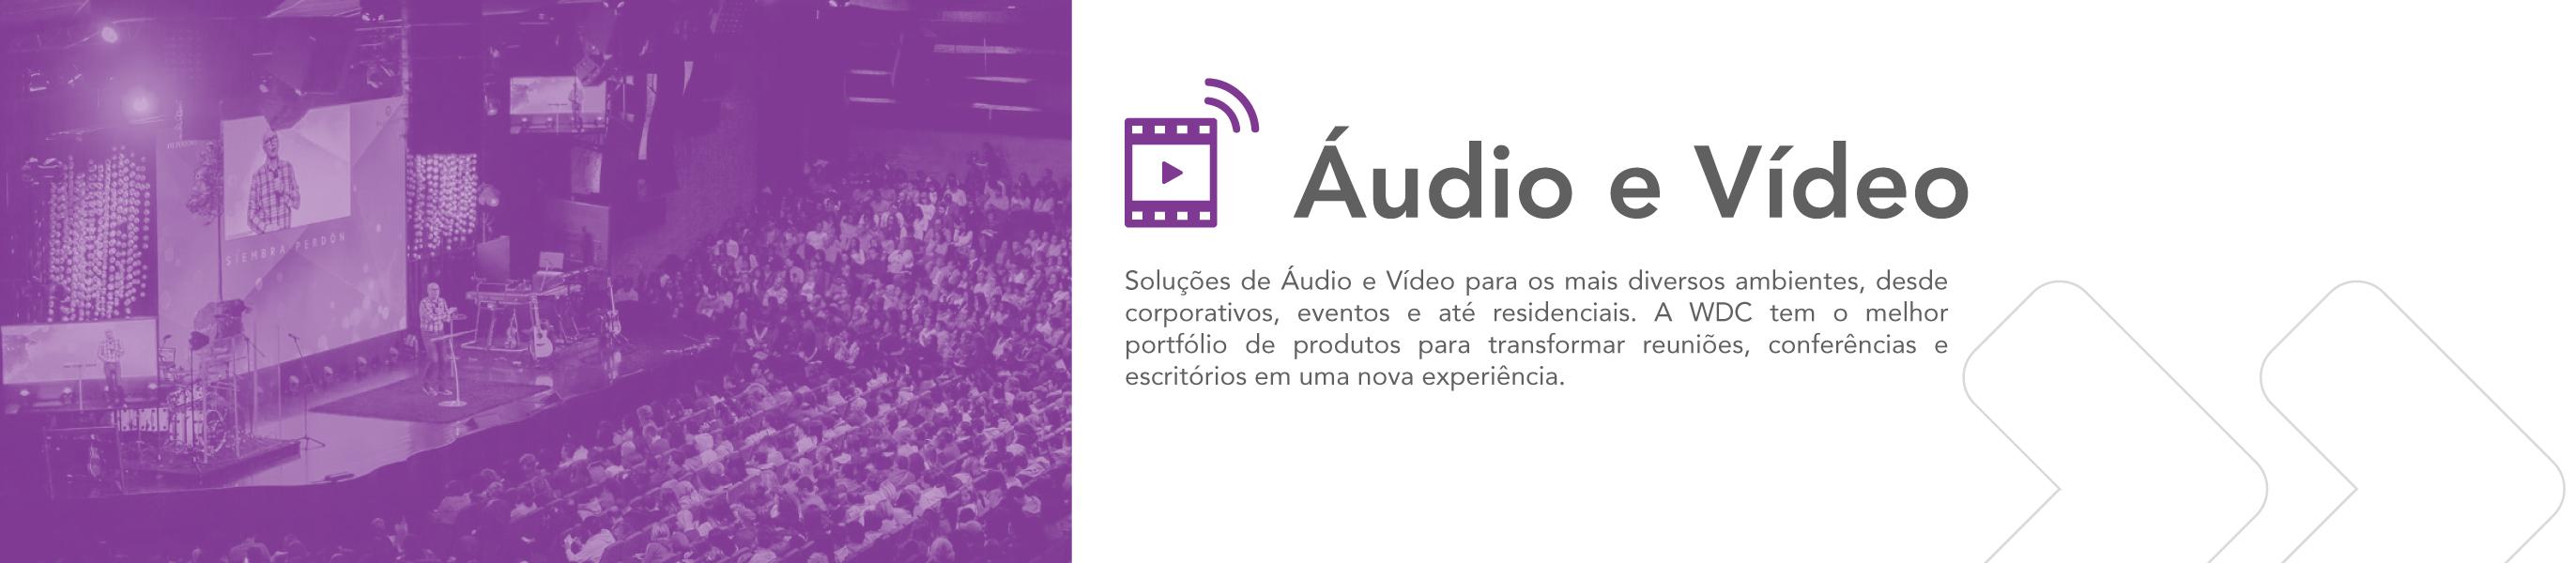 Banner Audio e video